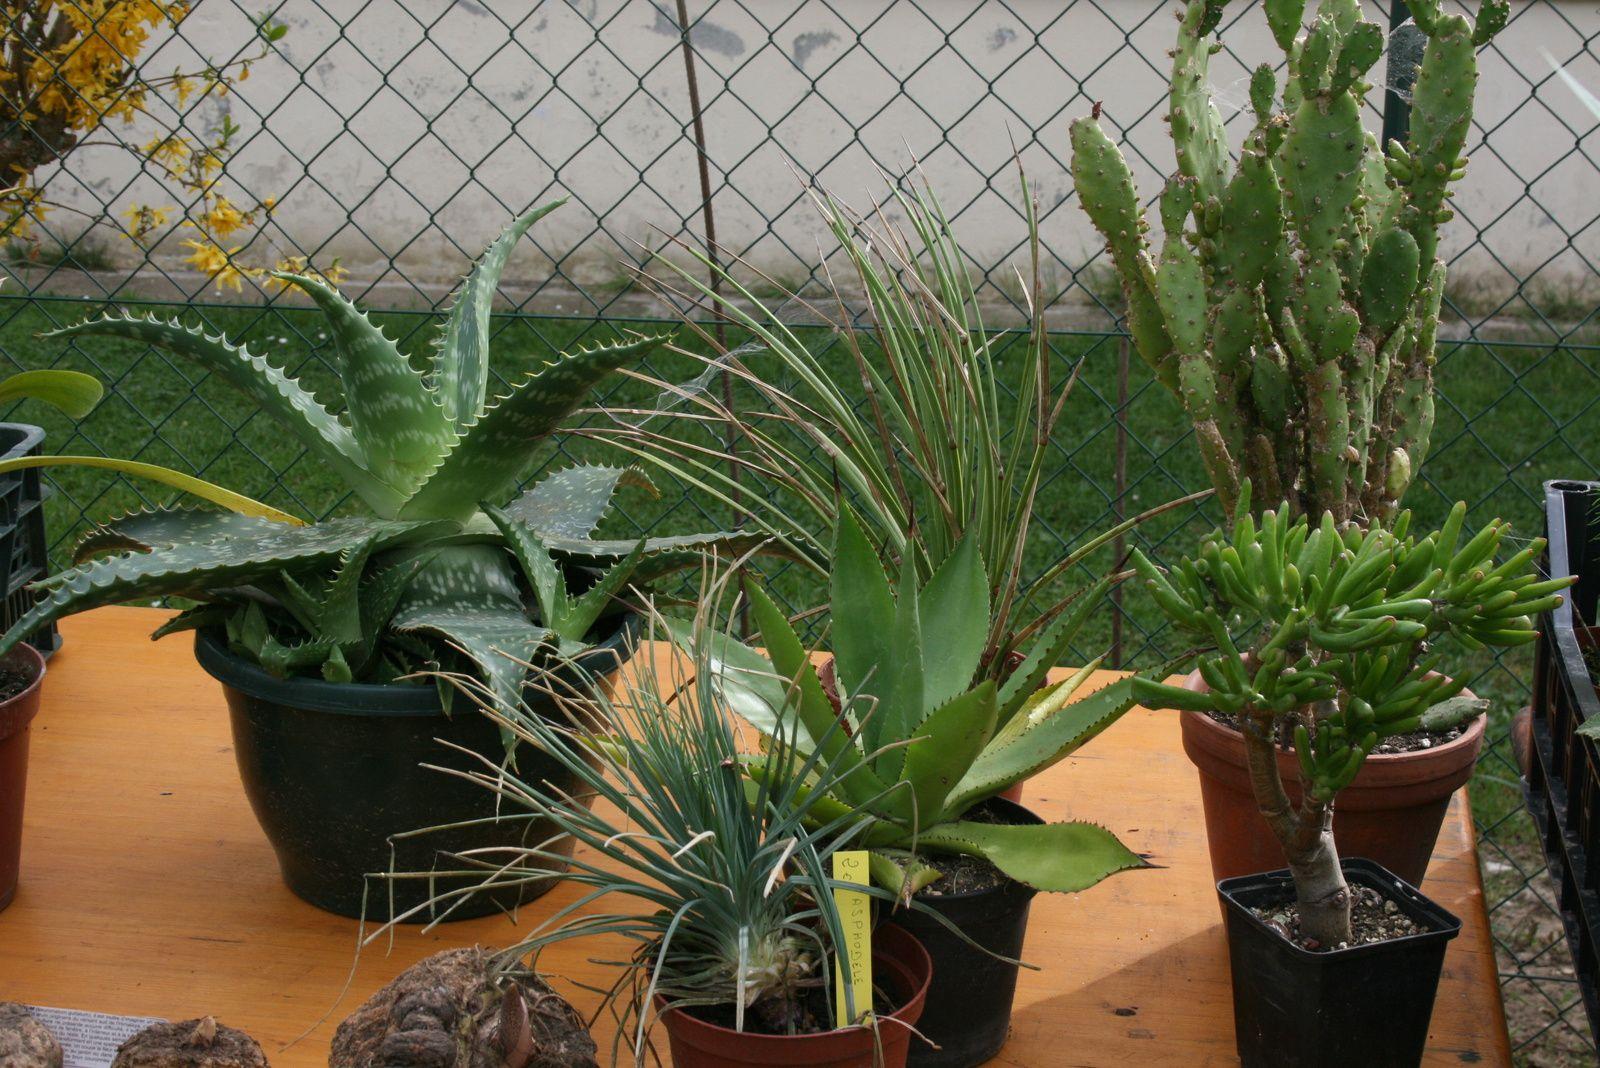 Bourse aux plantes réussie